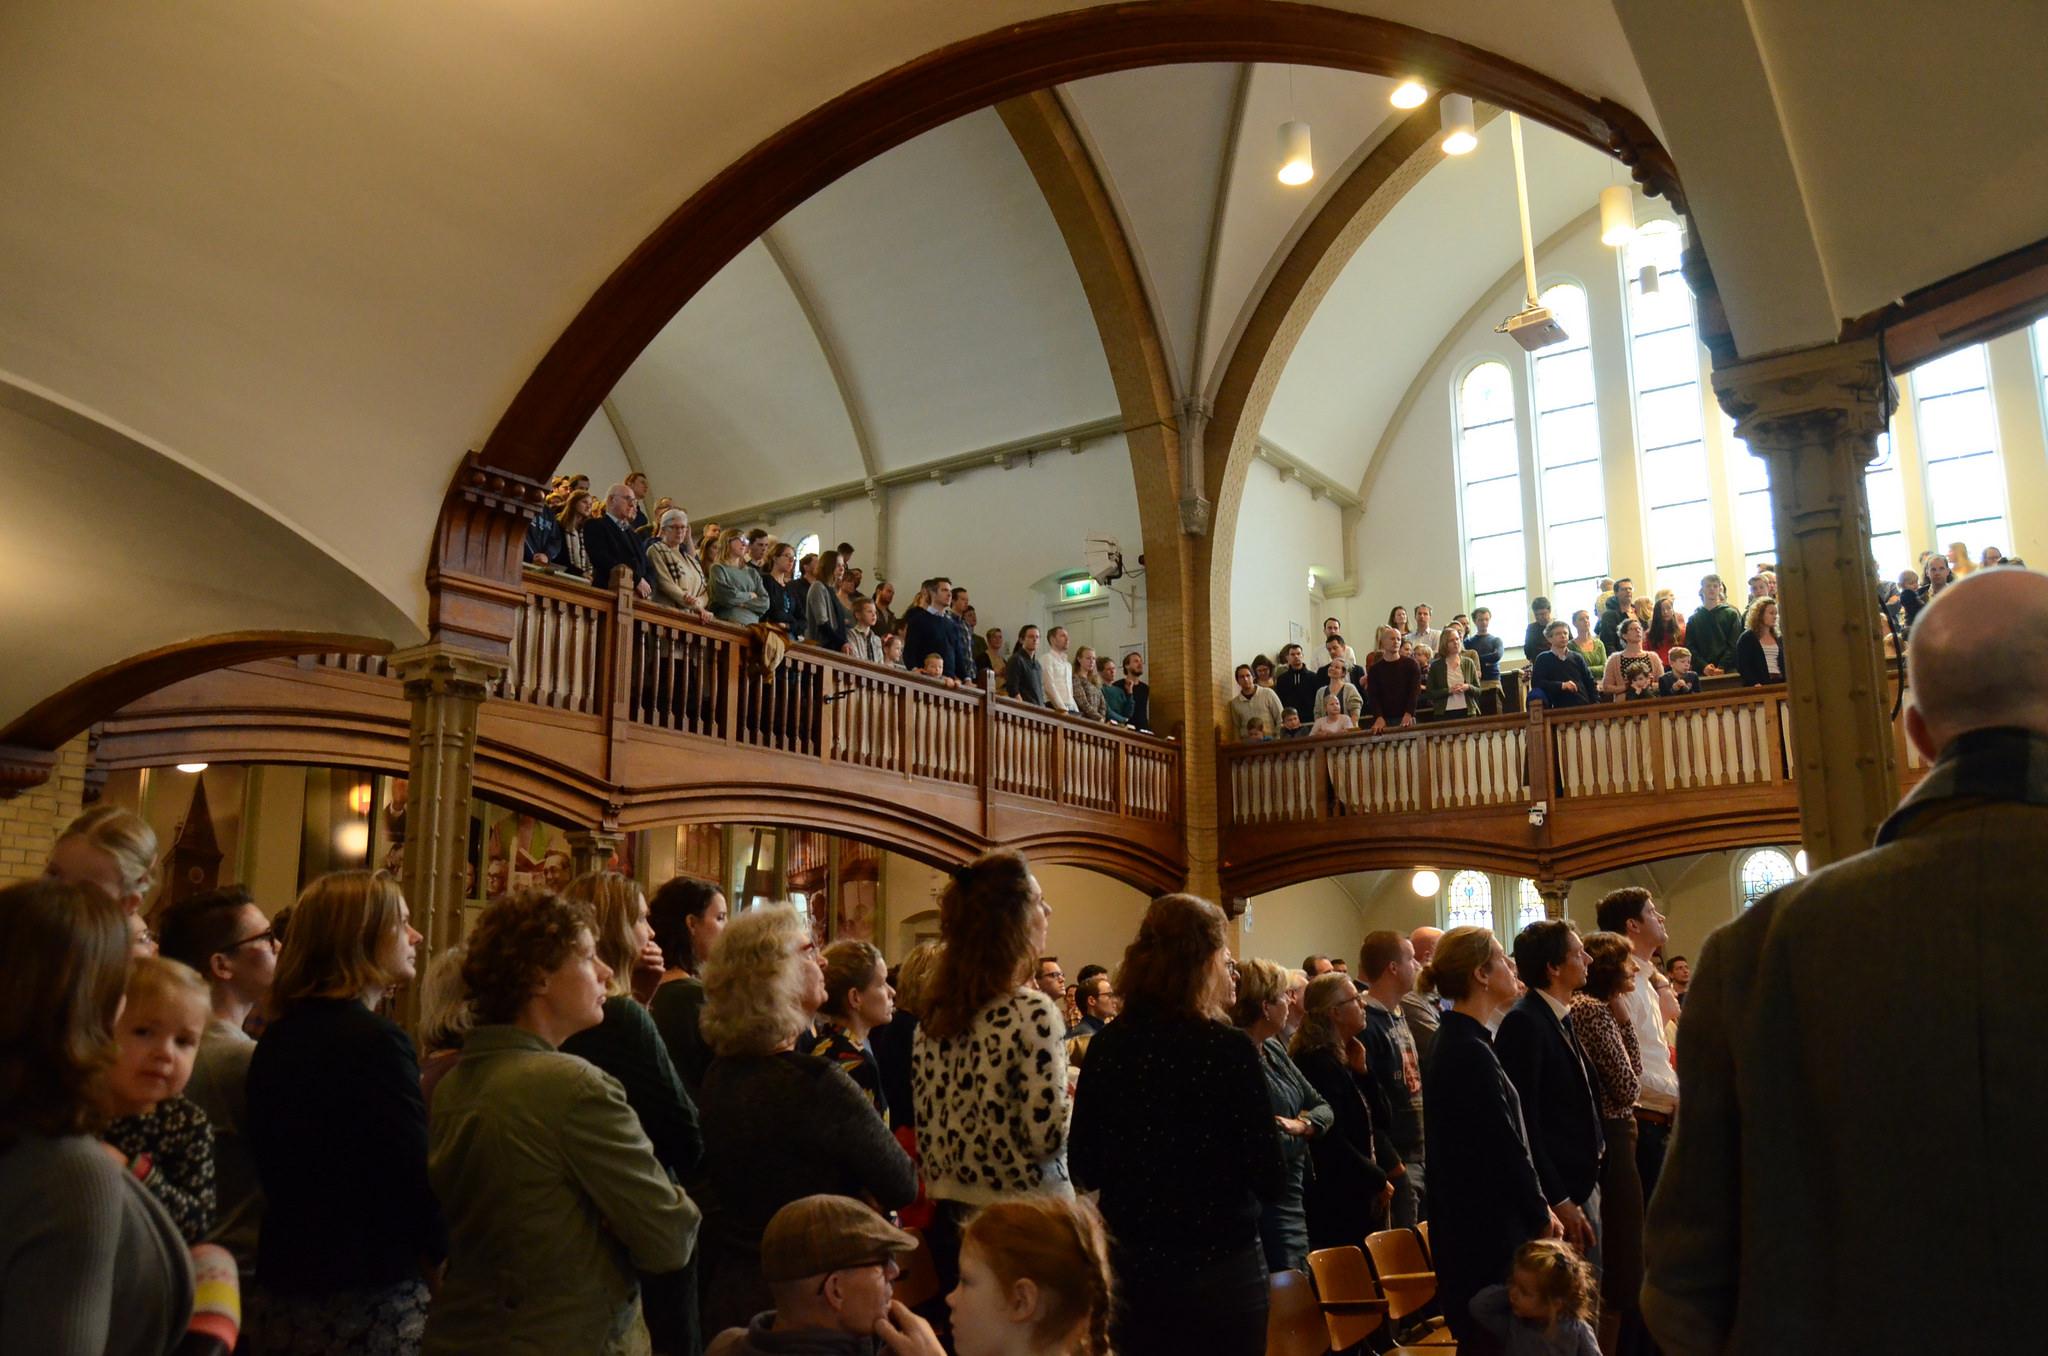 Kerkdienst zondag 10 februari | De Bijbel recht doen